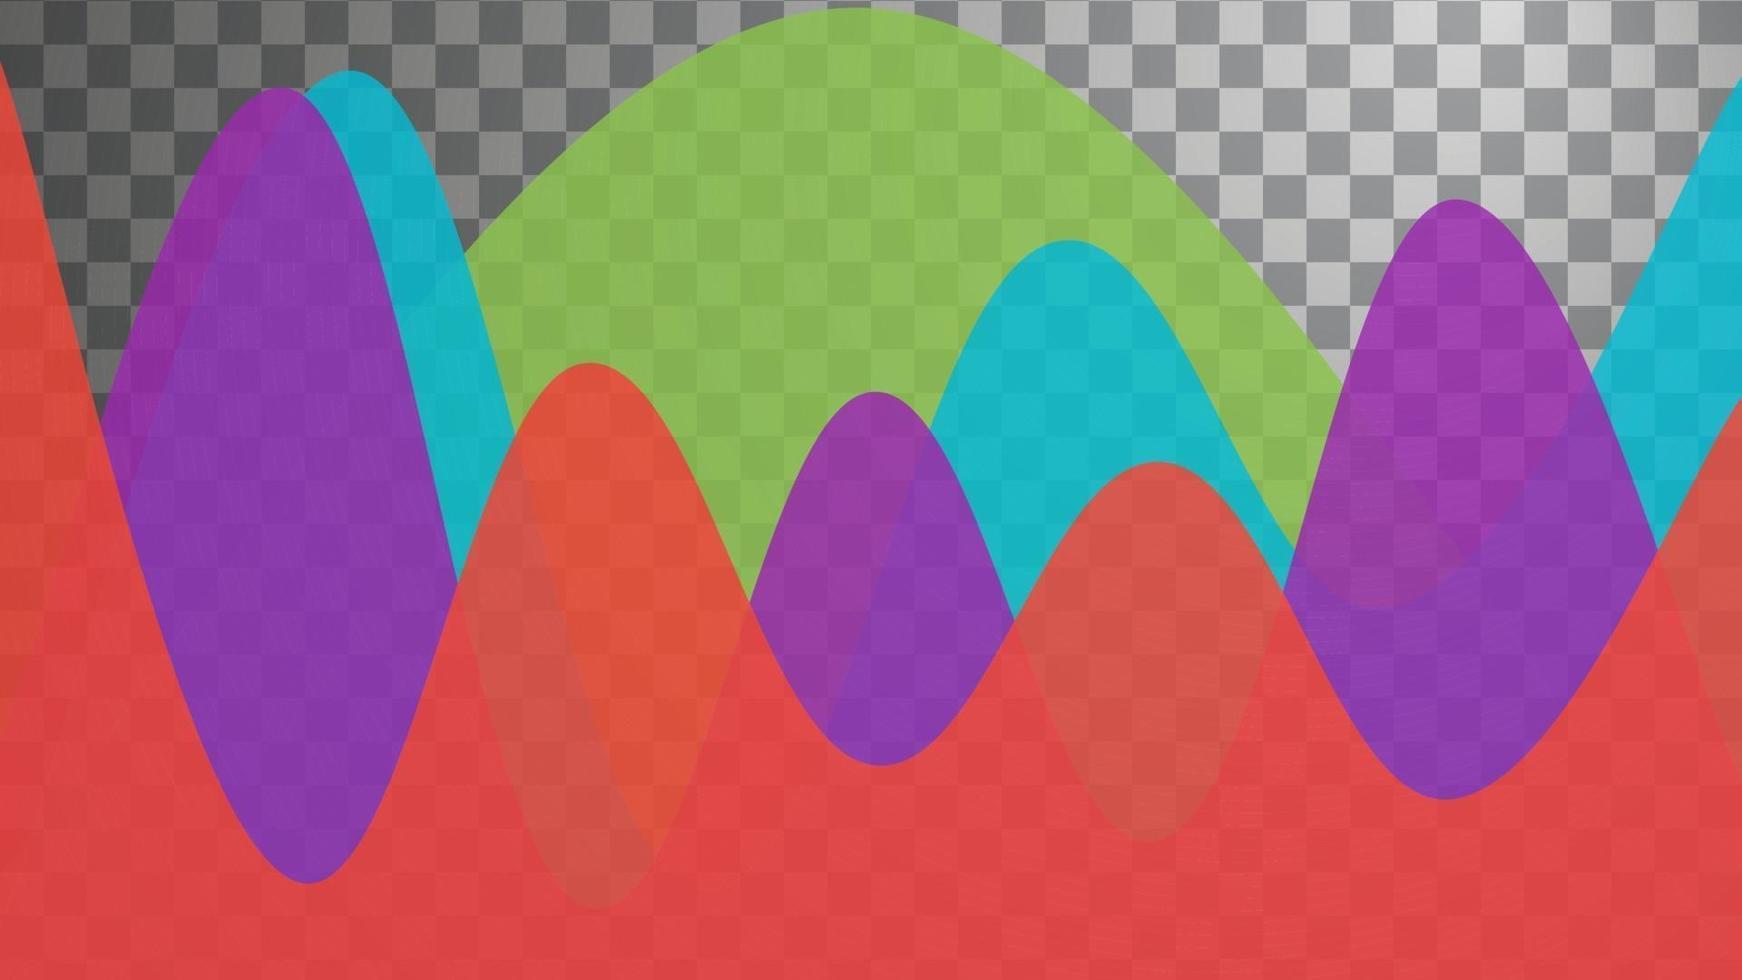 quatre vagues empilées colorées sur fond transparent vecteur